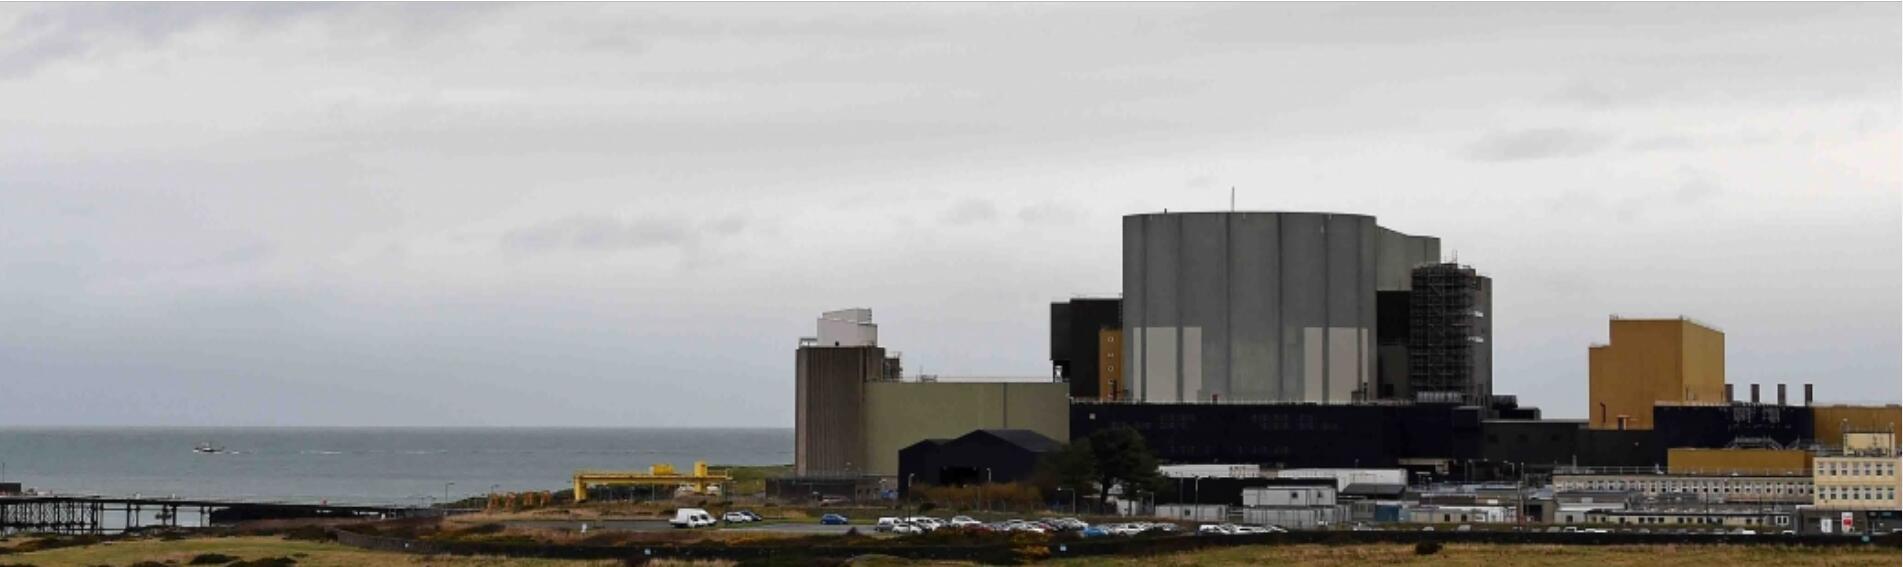 日立退出威胁英国振兴核电的计划